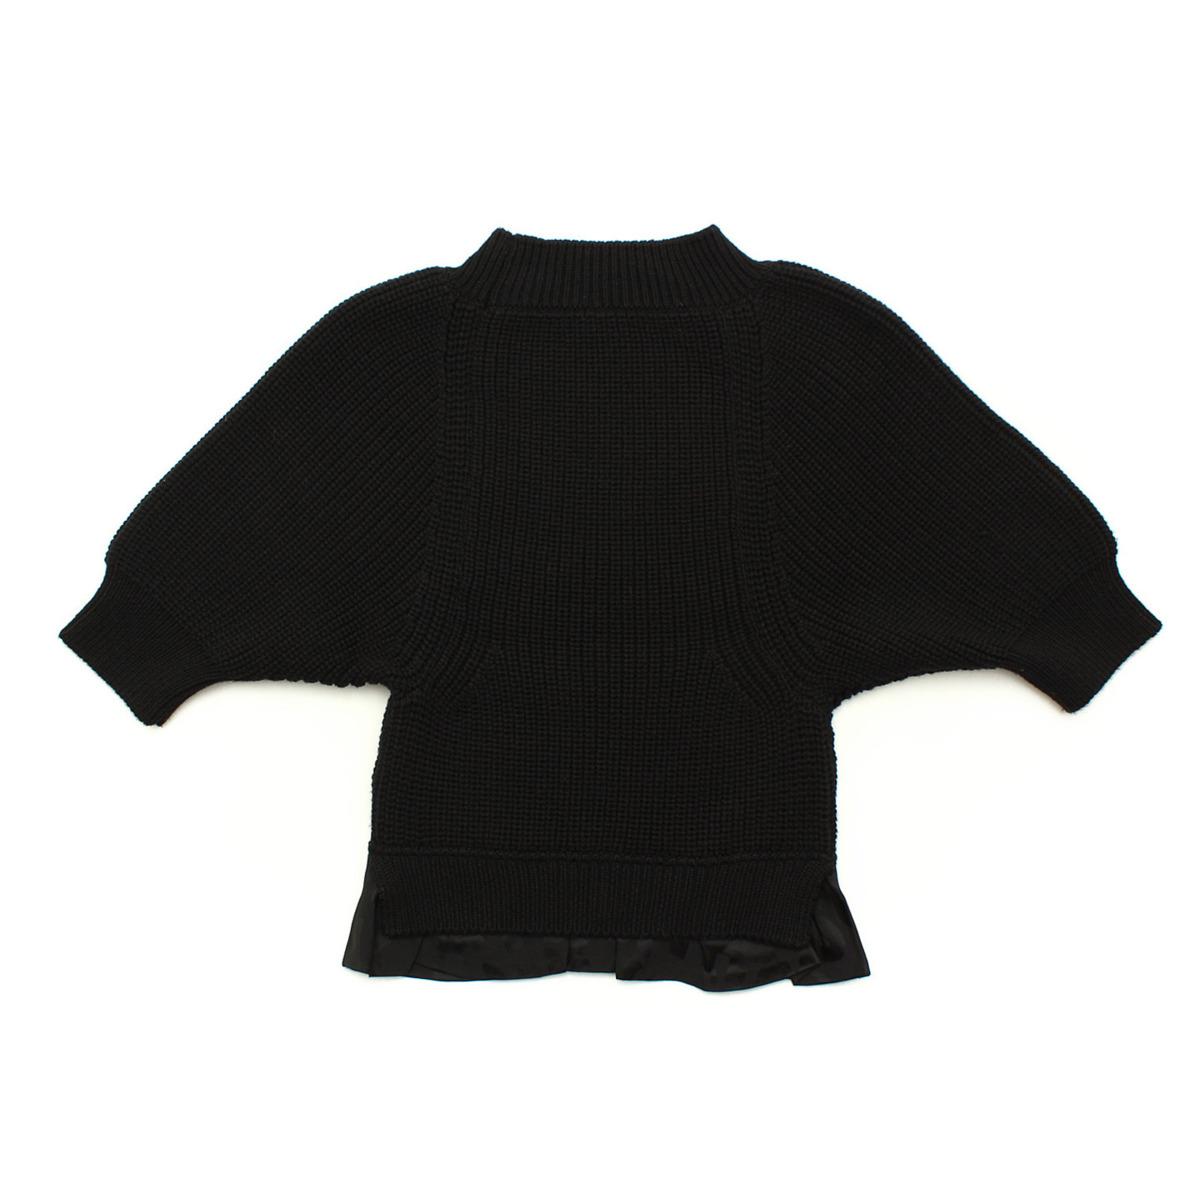 【ルイヴィトン】Louis Vuitton ハイネック 裾フリル ニット トップス ブラック XS 【中古】【鑑定済・正規品保証】【送料無料】28103